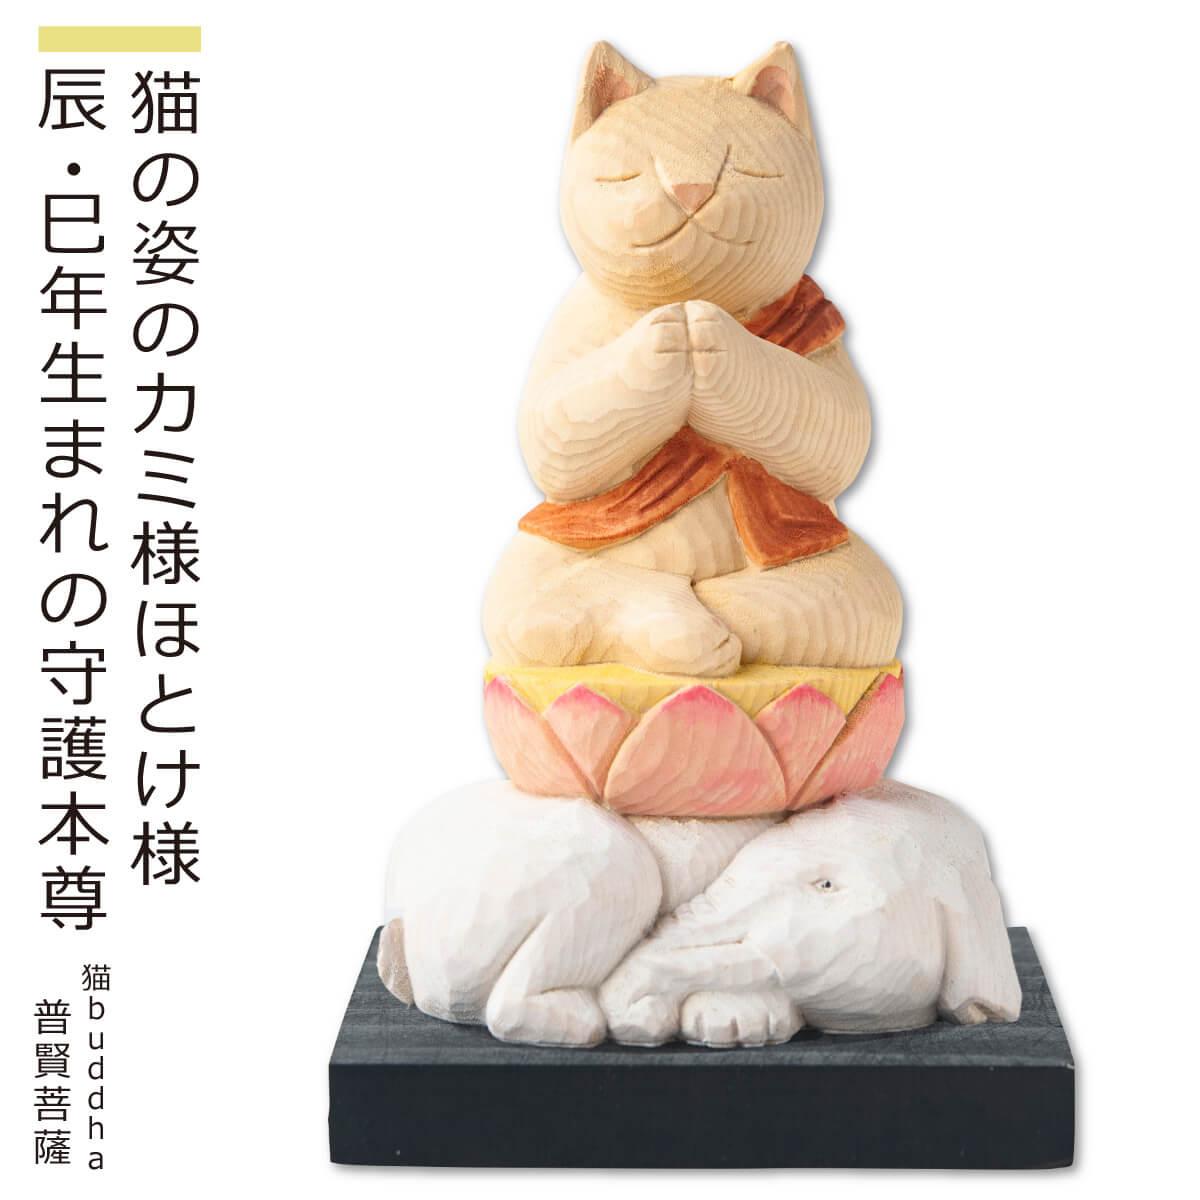 猫buddha スーパーセール ポイント10倍 普賢菩薩 辰 巳年生まれの守護本尊にゃ ≫ にゃんブッダ 癒される猫姿の神さま仏さま 信用 仏屋さかい原型 ギフト 猫 すべて木彫りで作っちゃいました 監修 仏像 ねこ 木彫り 出群 プレゼント 置物